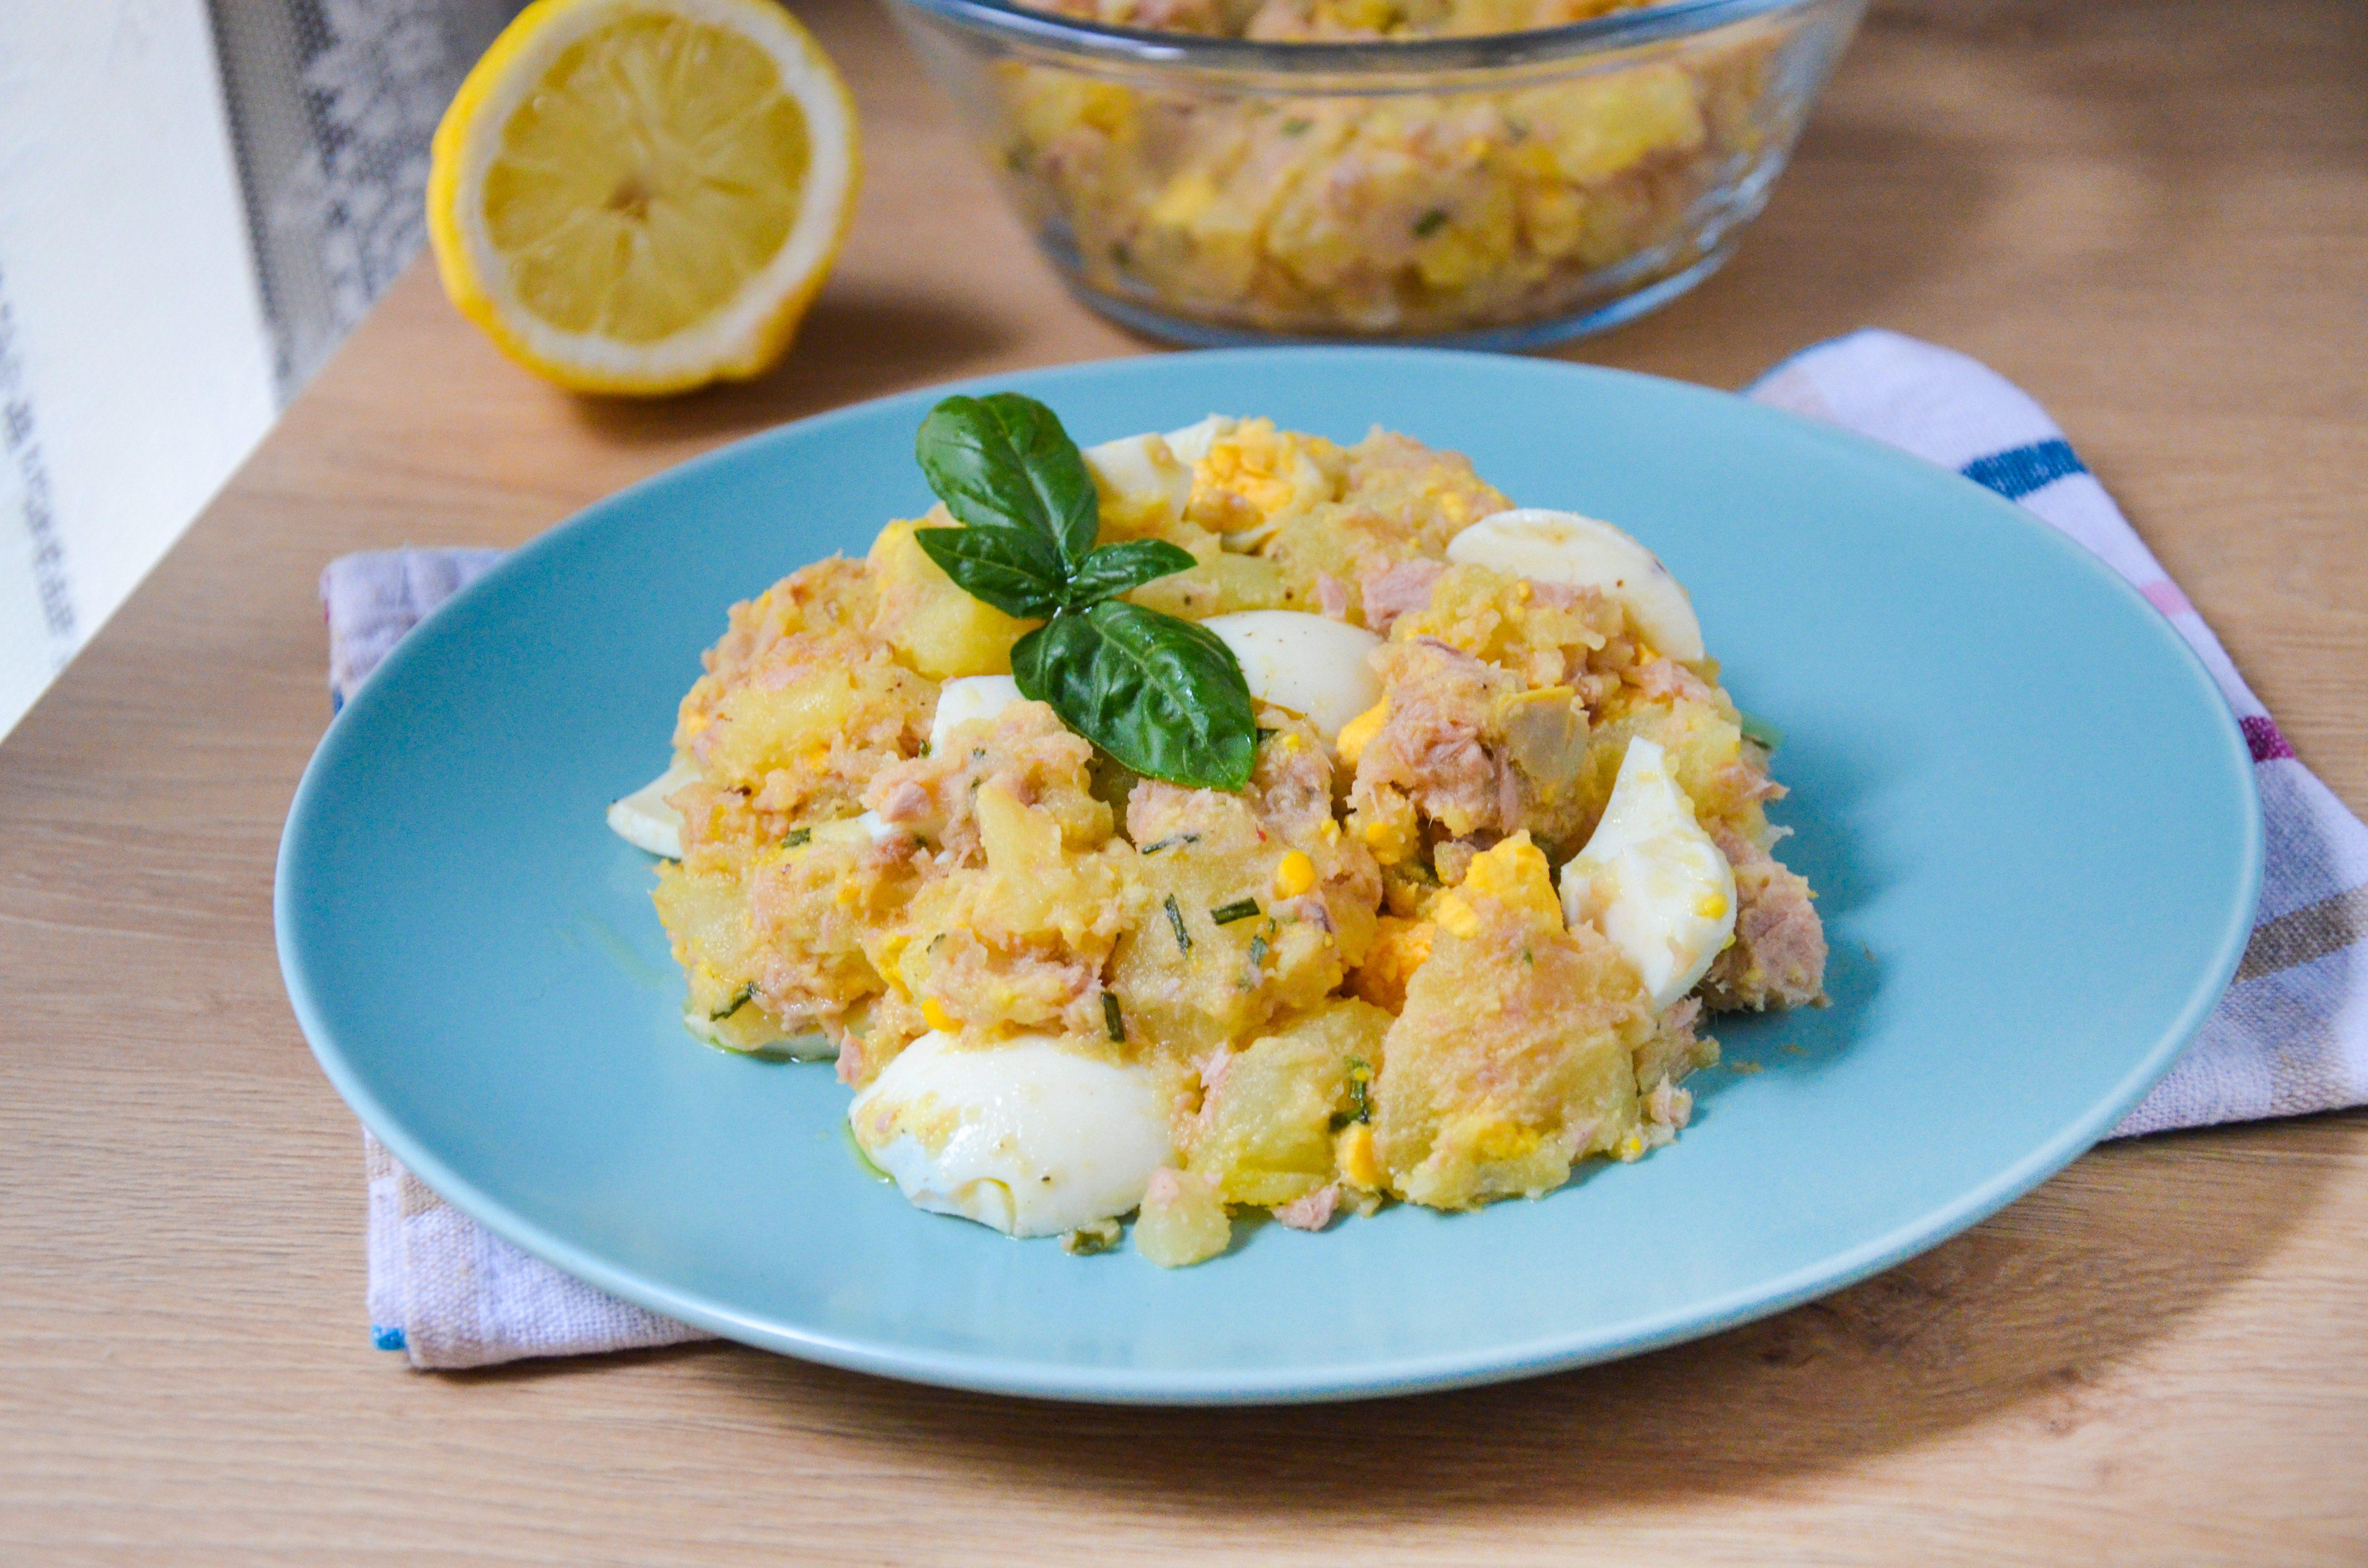 Insalata di patate, tonno e uova sode: la ricetta del piatto fresco e saporito